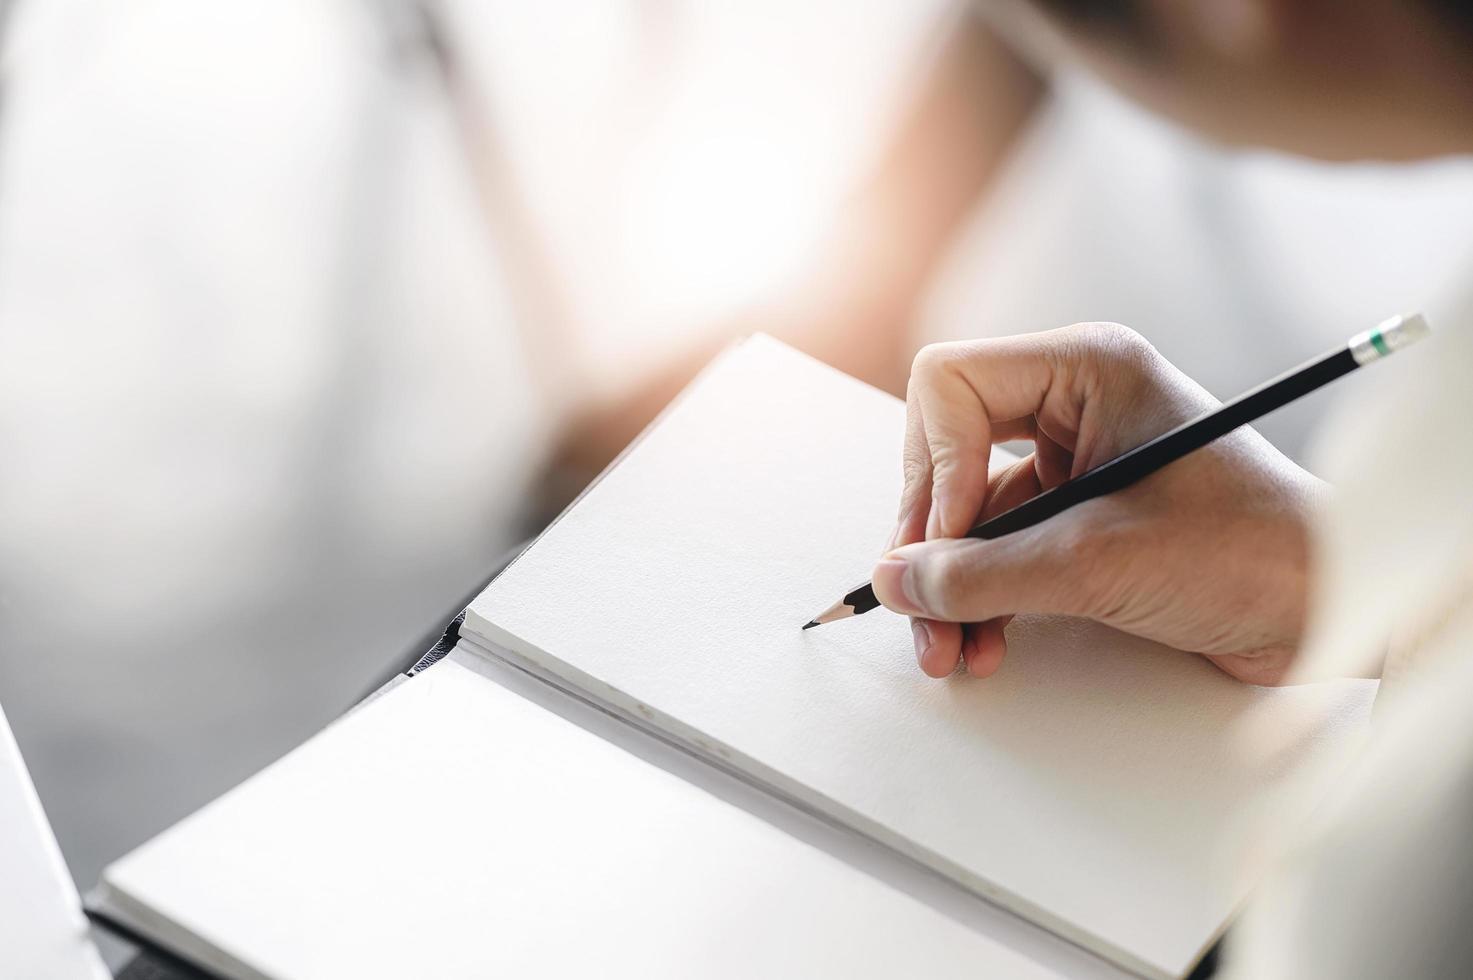 Mann Hand schreibt auf Notizbuch mit Bleistift foto